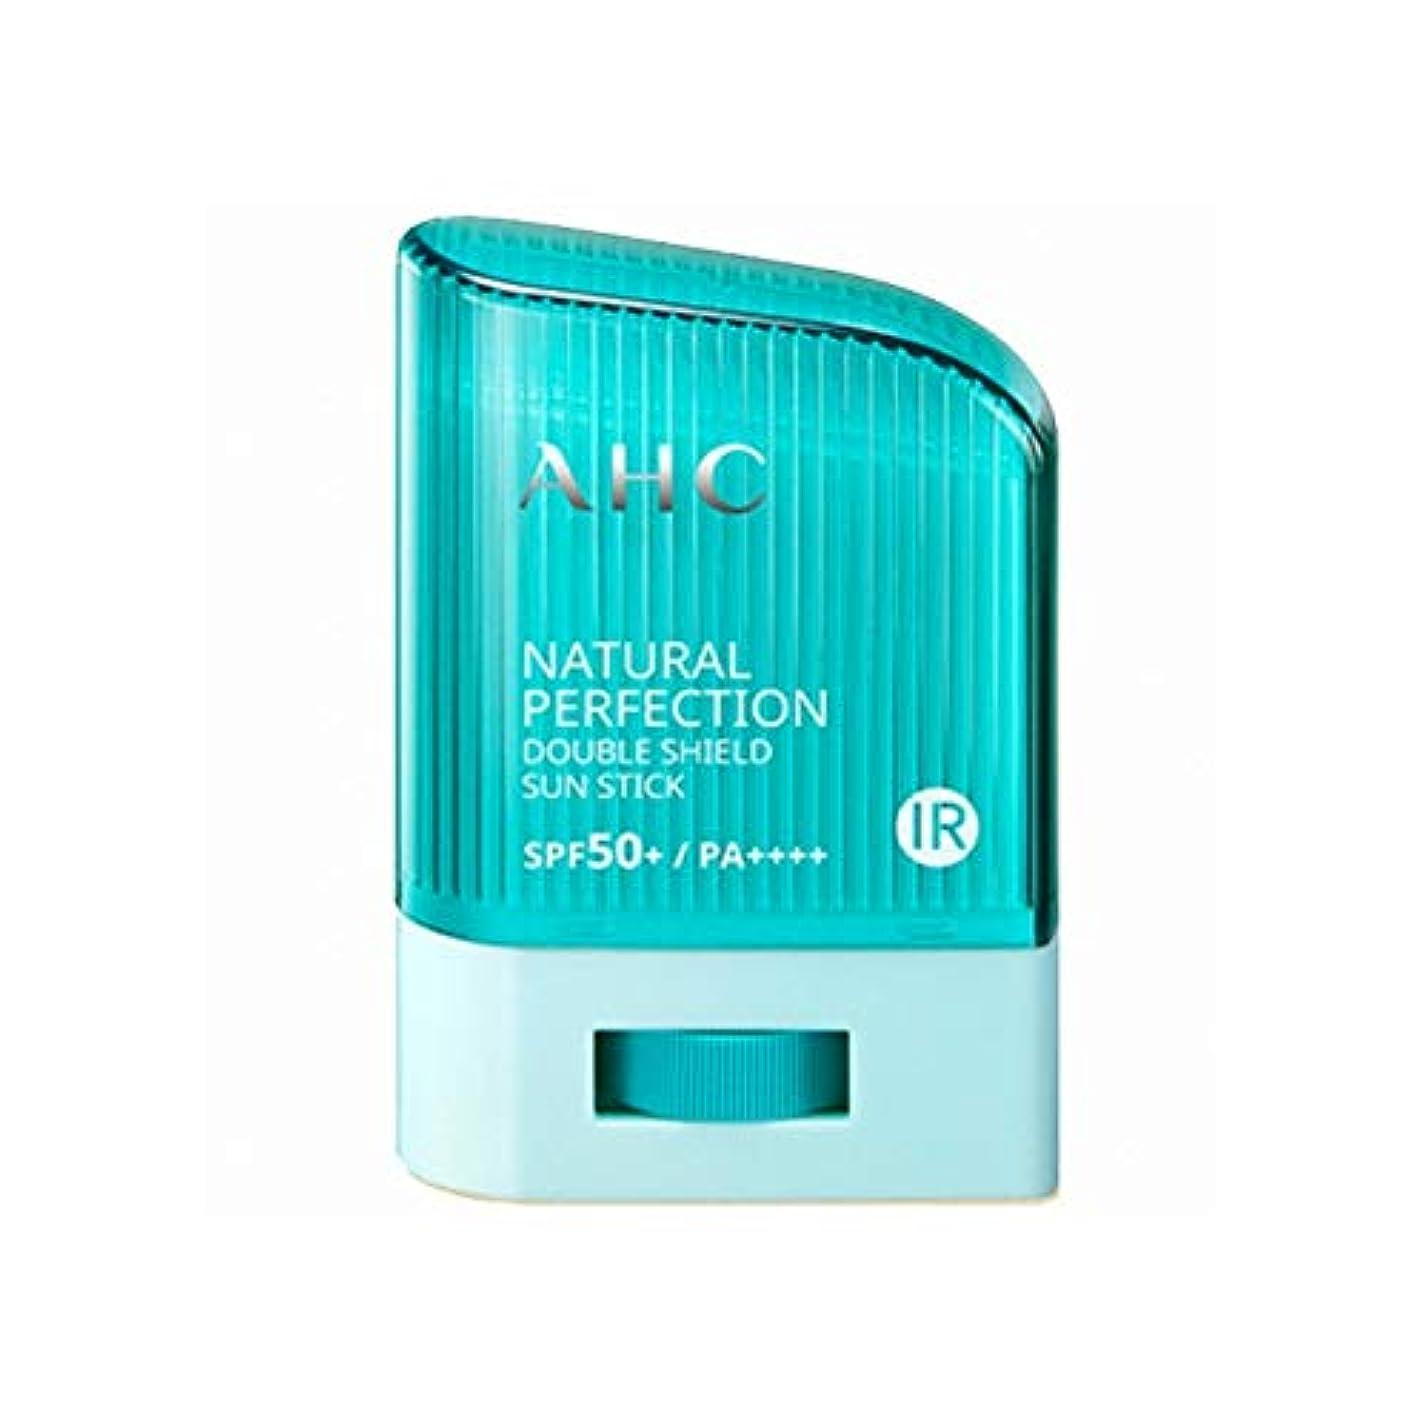 準拠市場マーキングAHC ナチュラルパーフェクションダブルシールドサンスティック 14g, Natural Perfection Double Shield Sun Stick SPF50+ PA++++ A.H.C